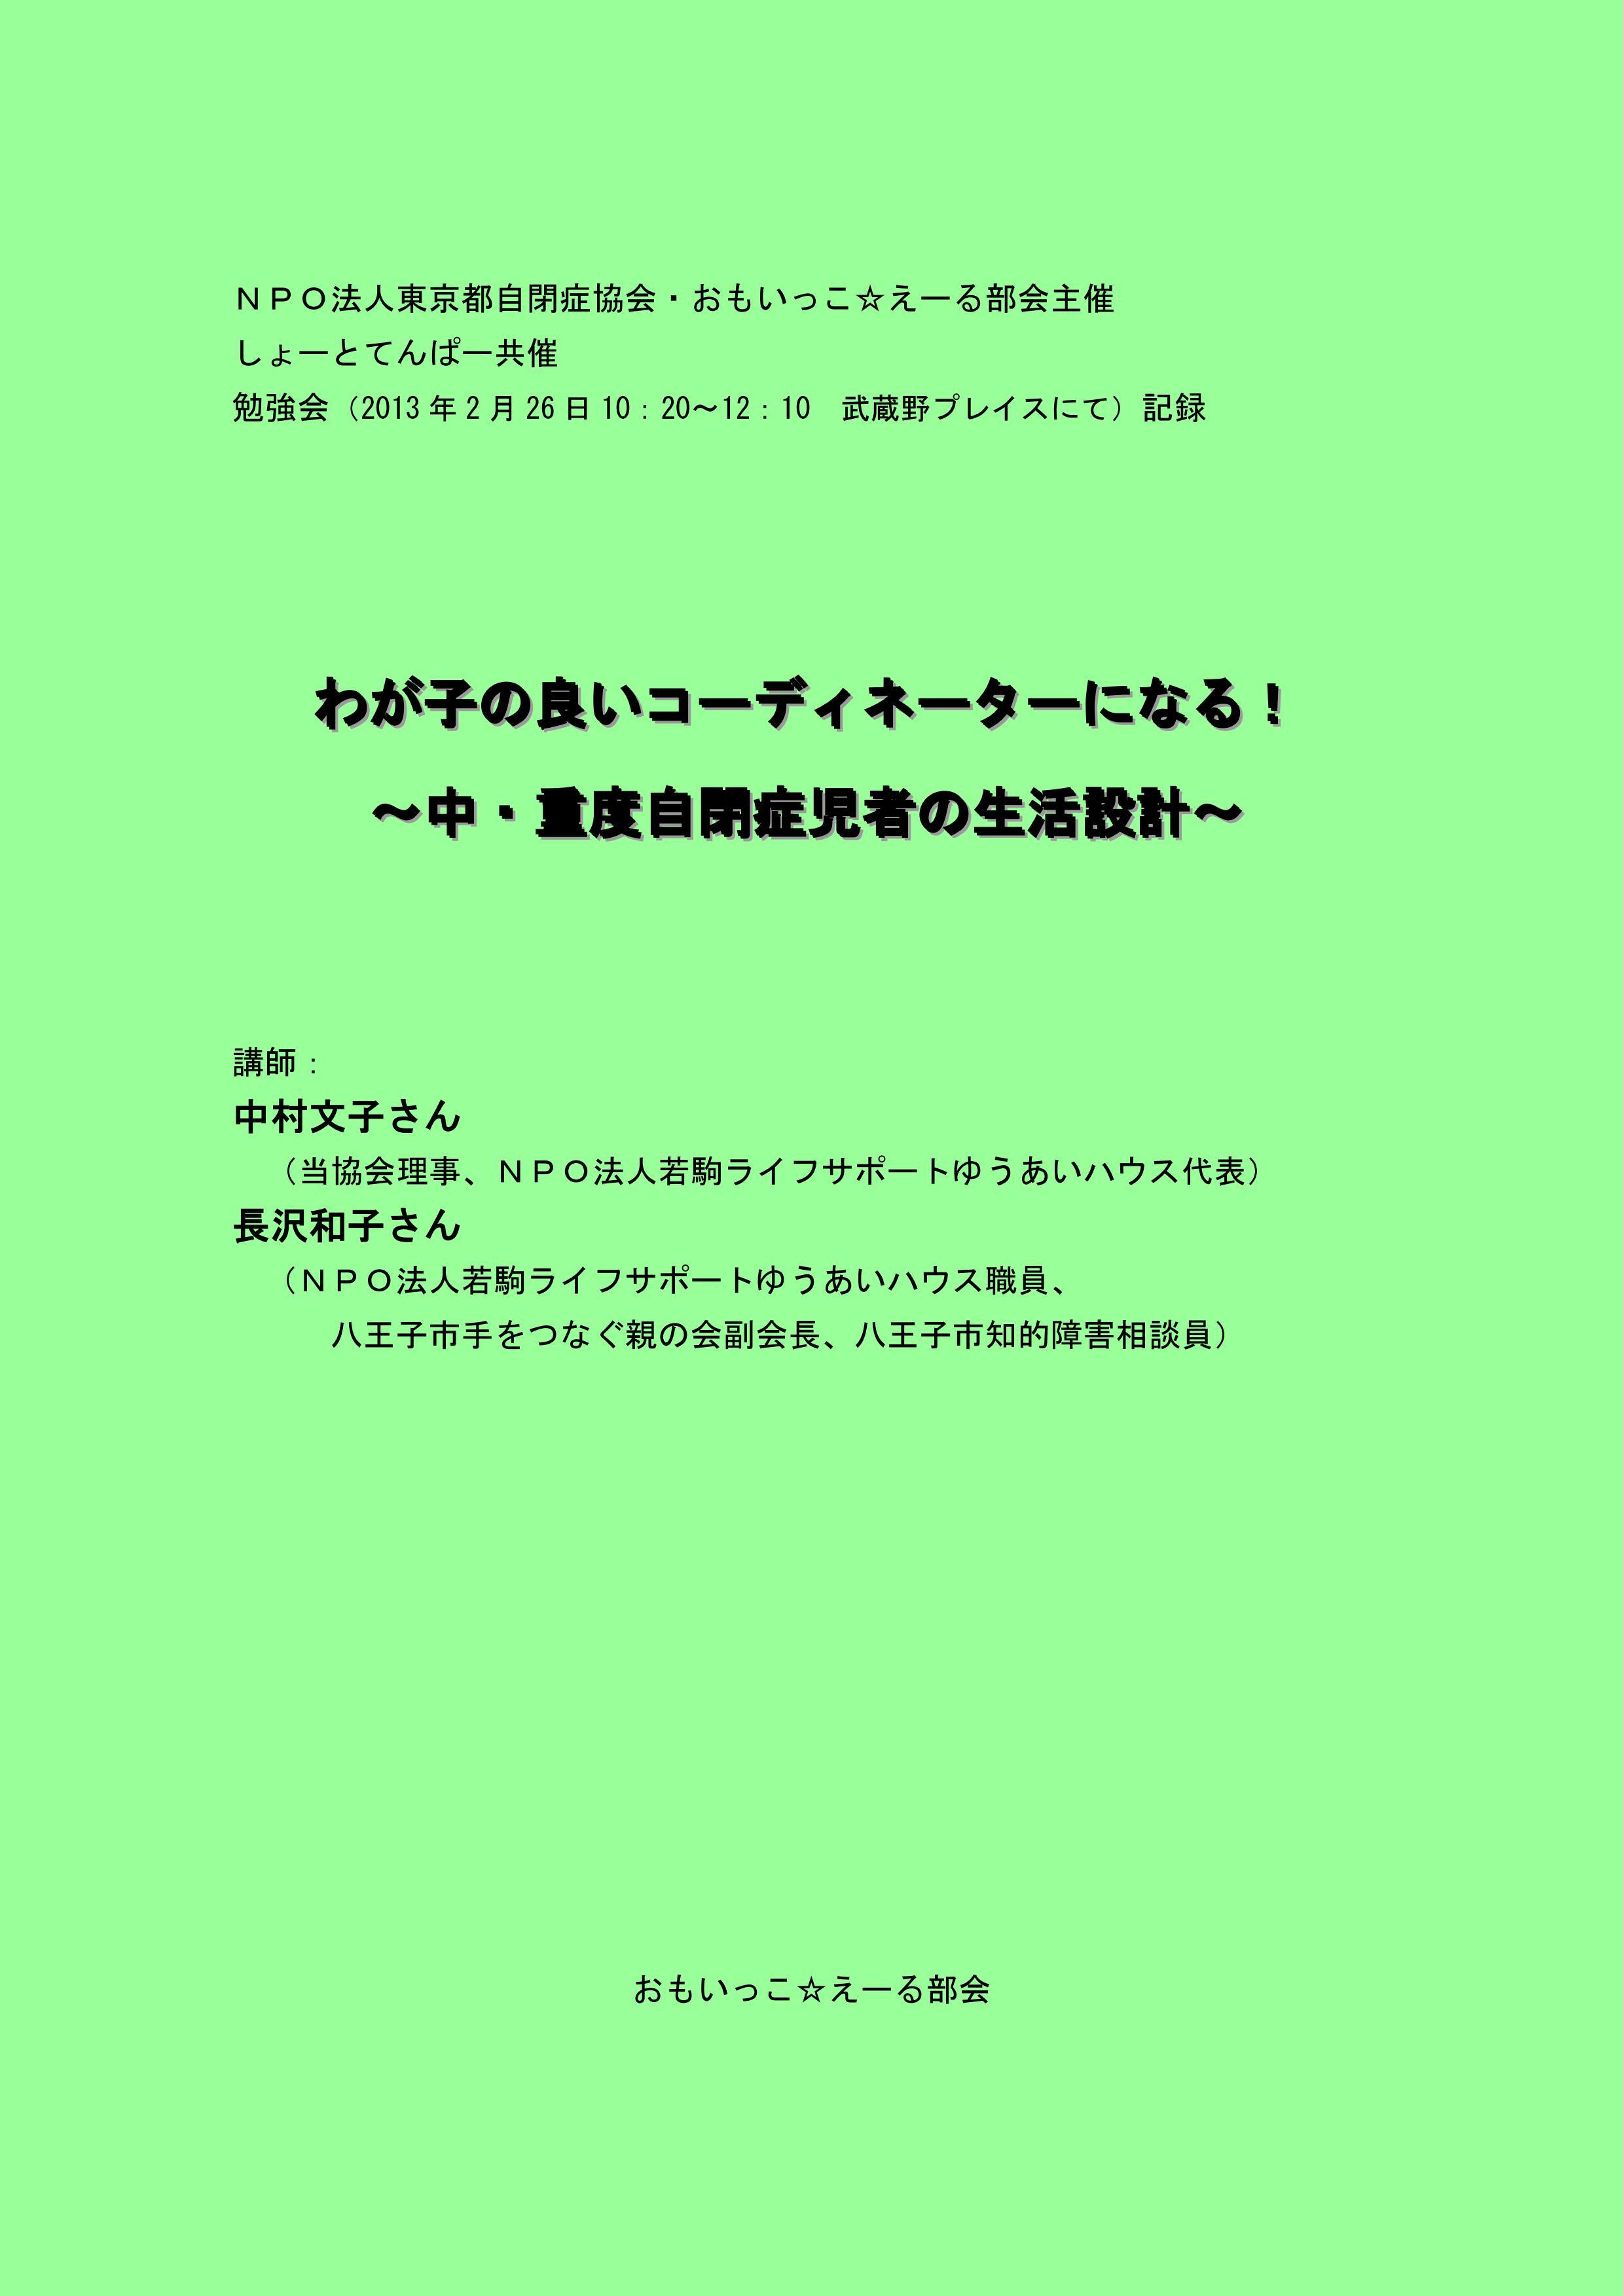 中村本 01.jpg